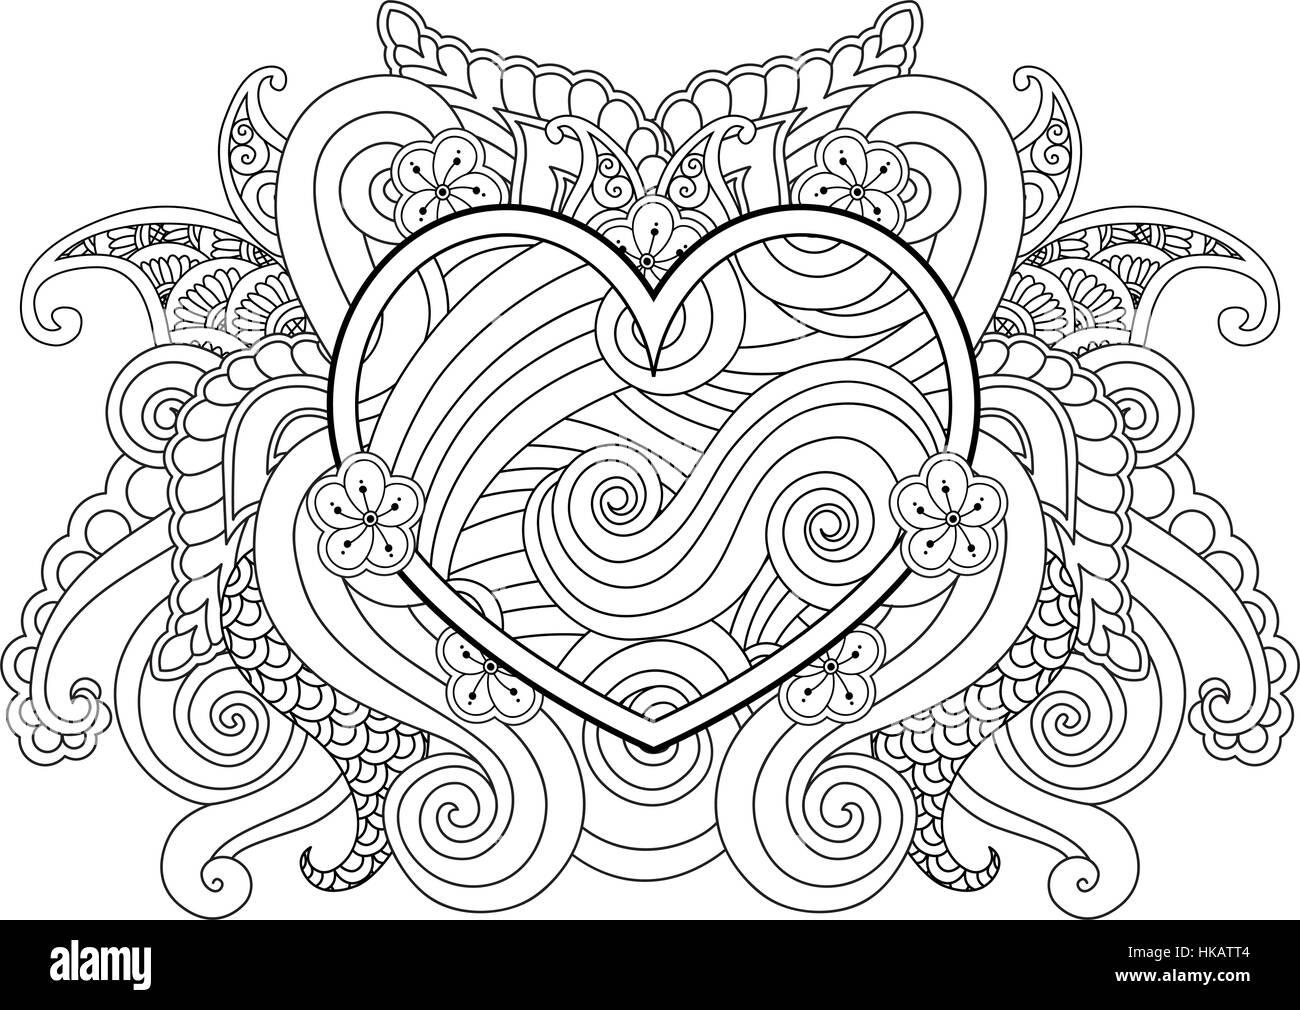 Página de colorear con el corazón y el elemento abstracto aislados ...